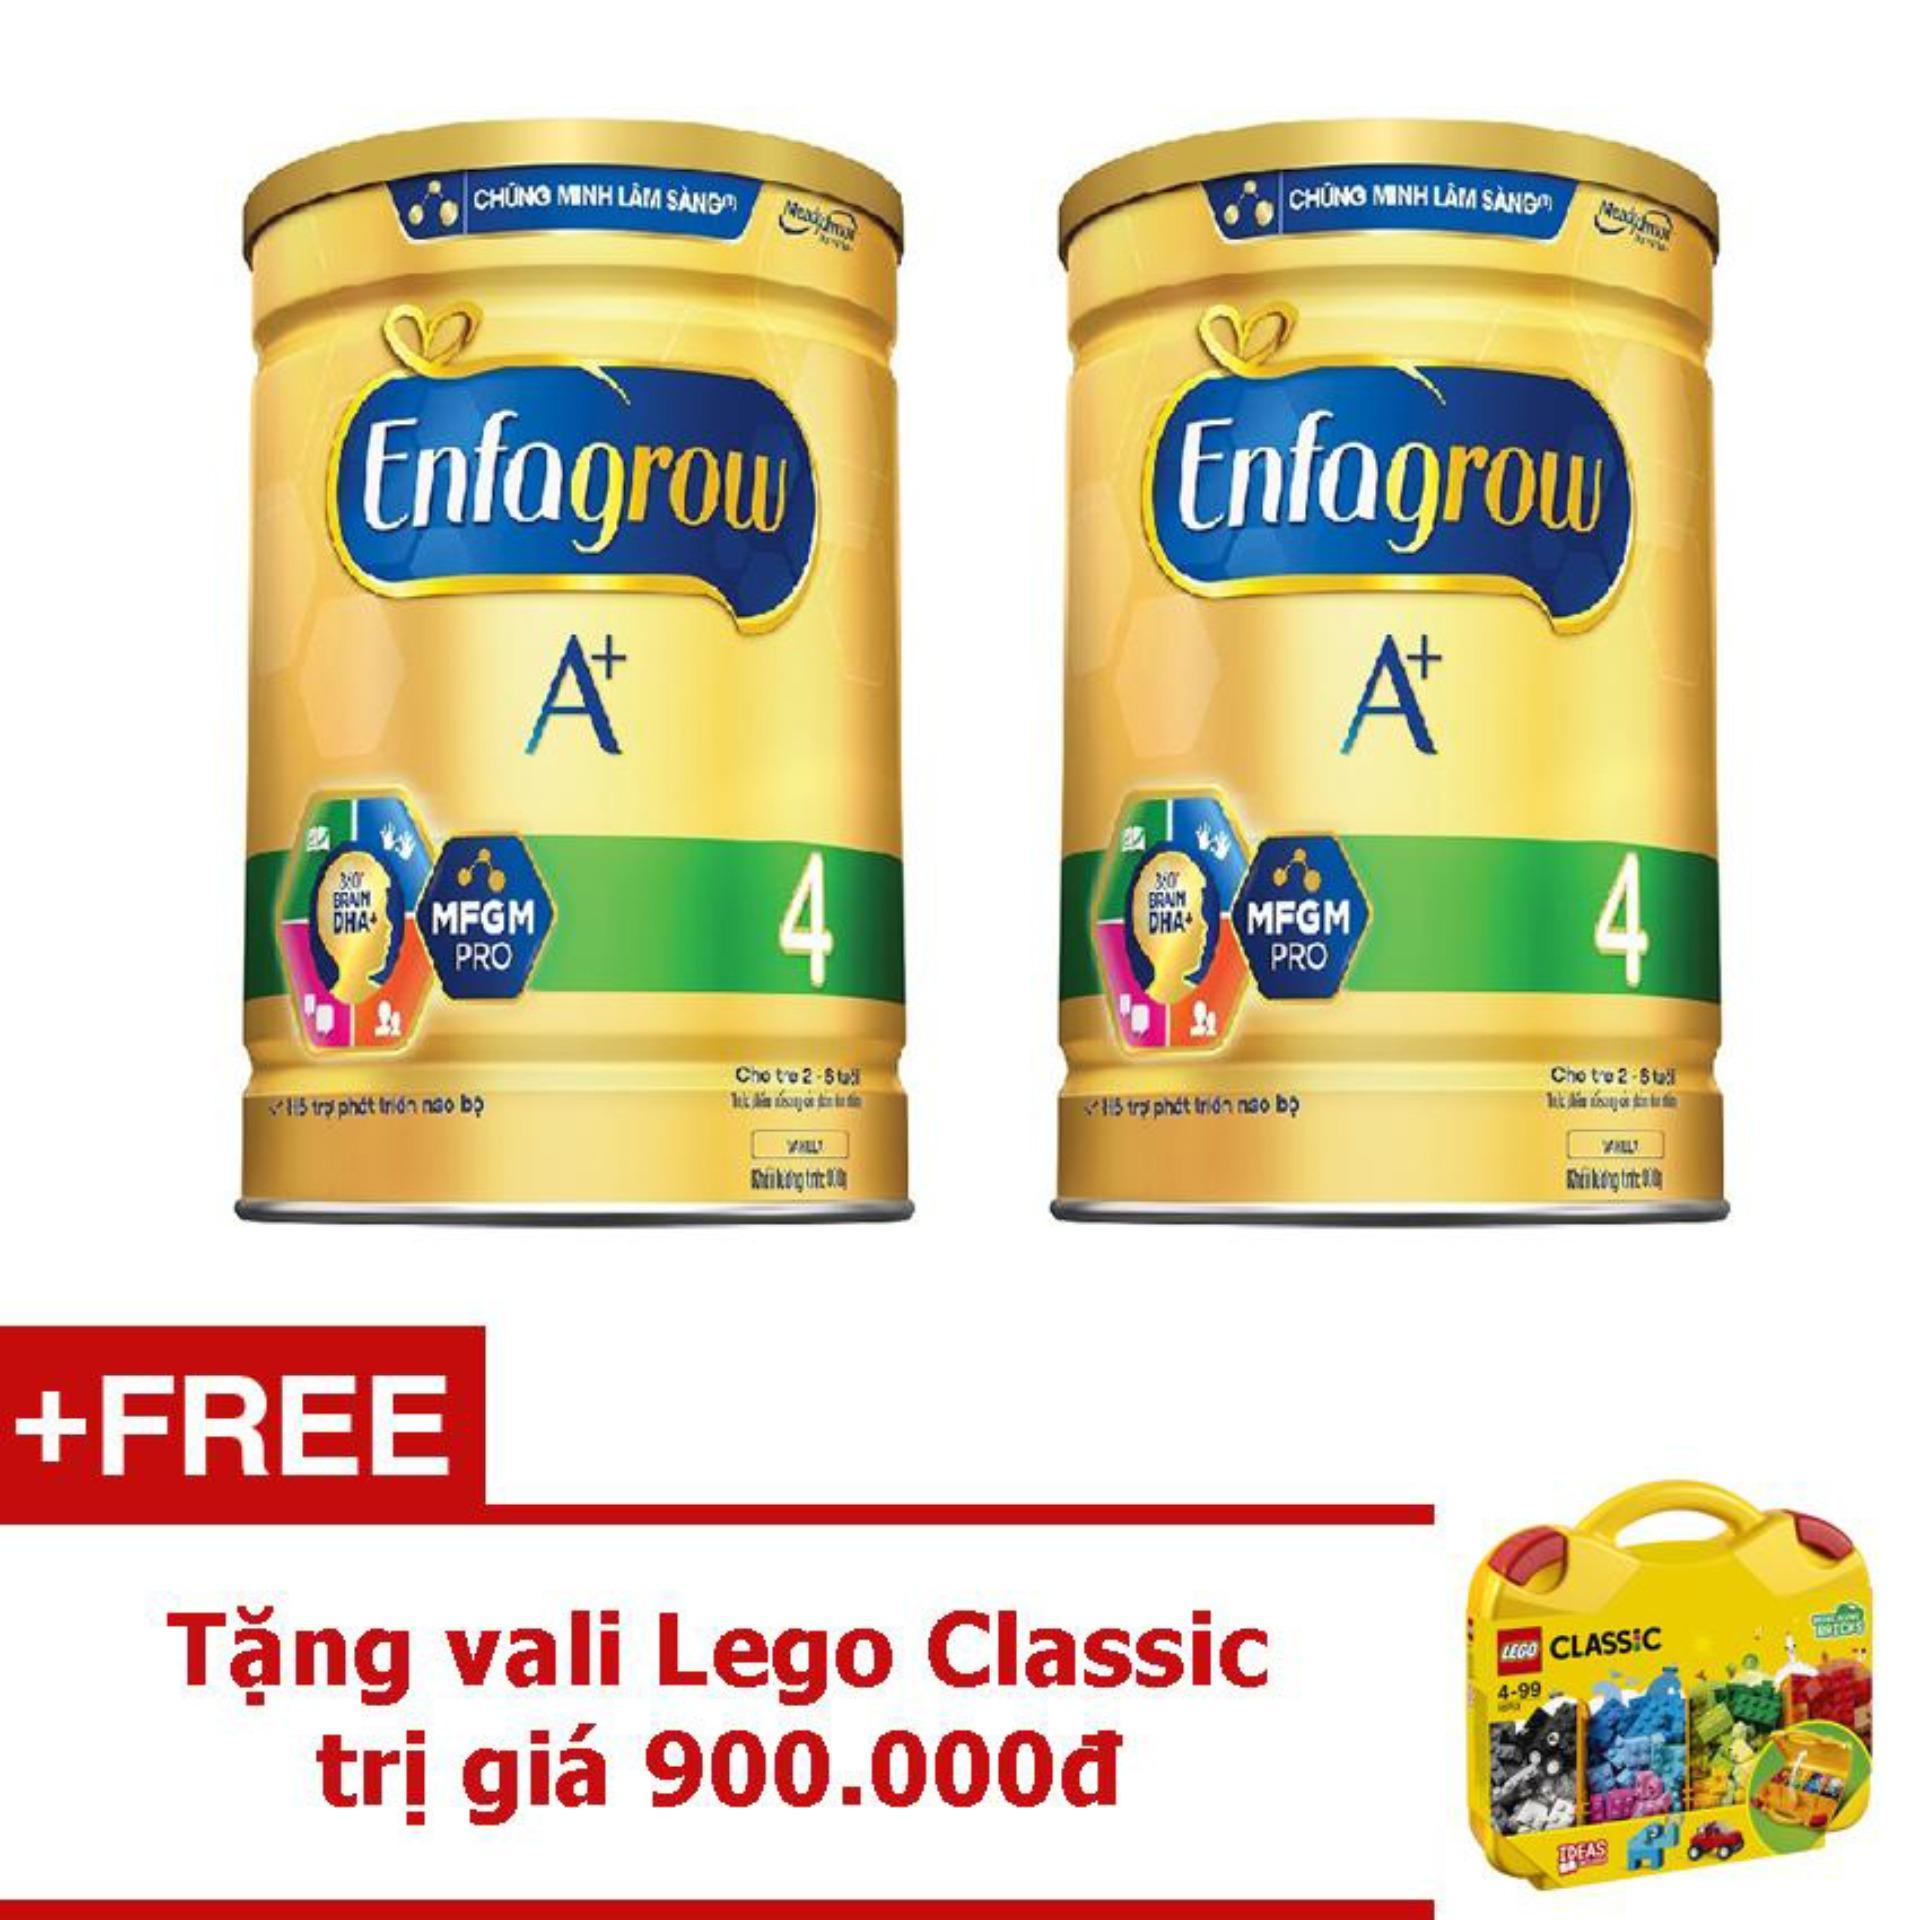 Hình ảnh Bộ 2 Sữa bột Enfagrow A+ 4 DHA+ và MFGM 1.8kg + Tặng vali Lego Classic trị giá 900.000đ